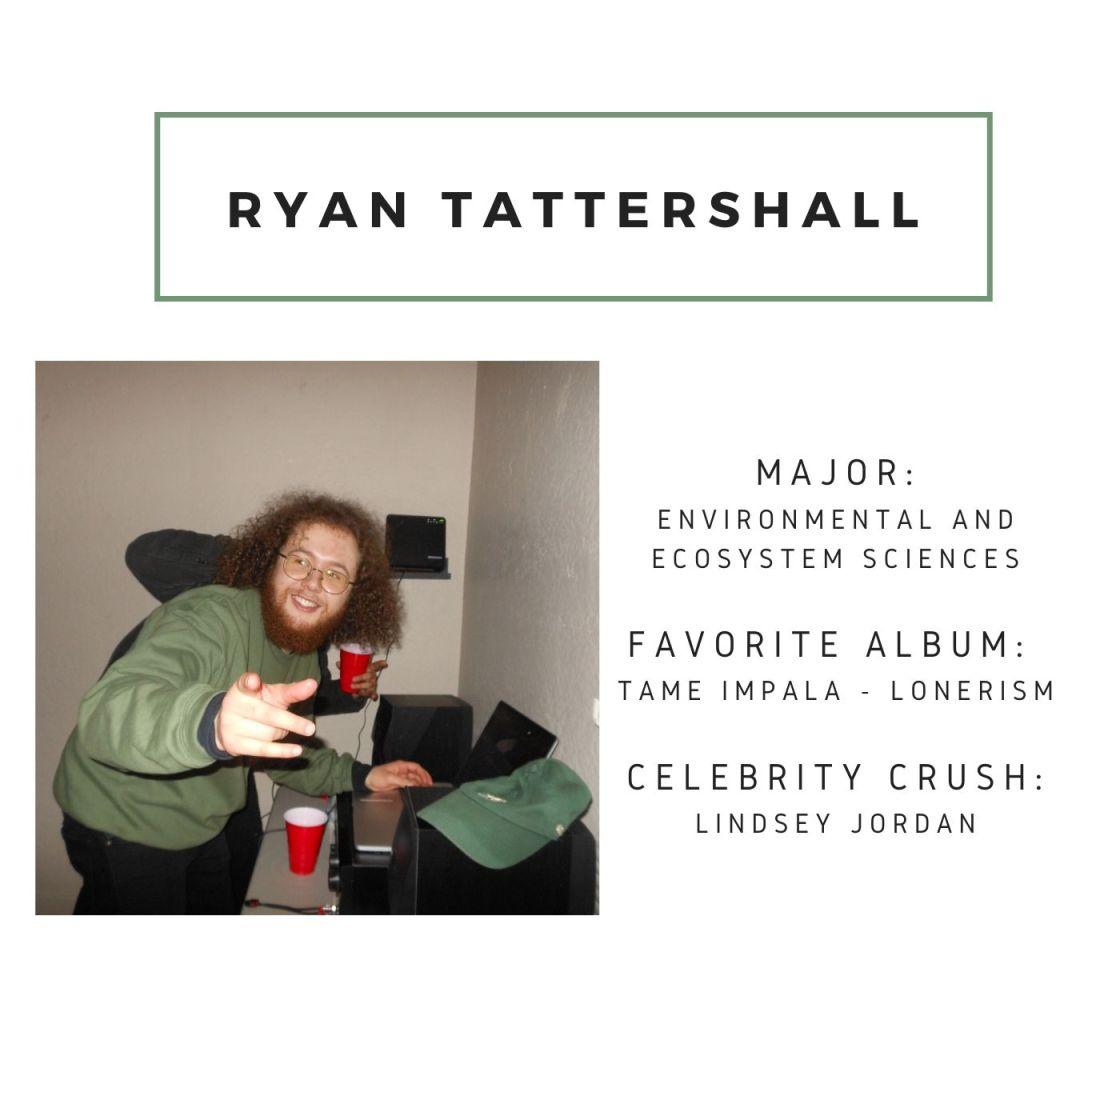 Ryan Tattershall